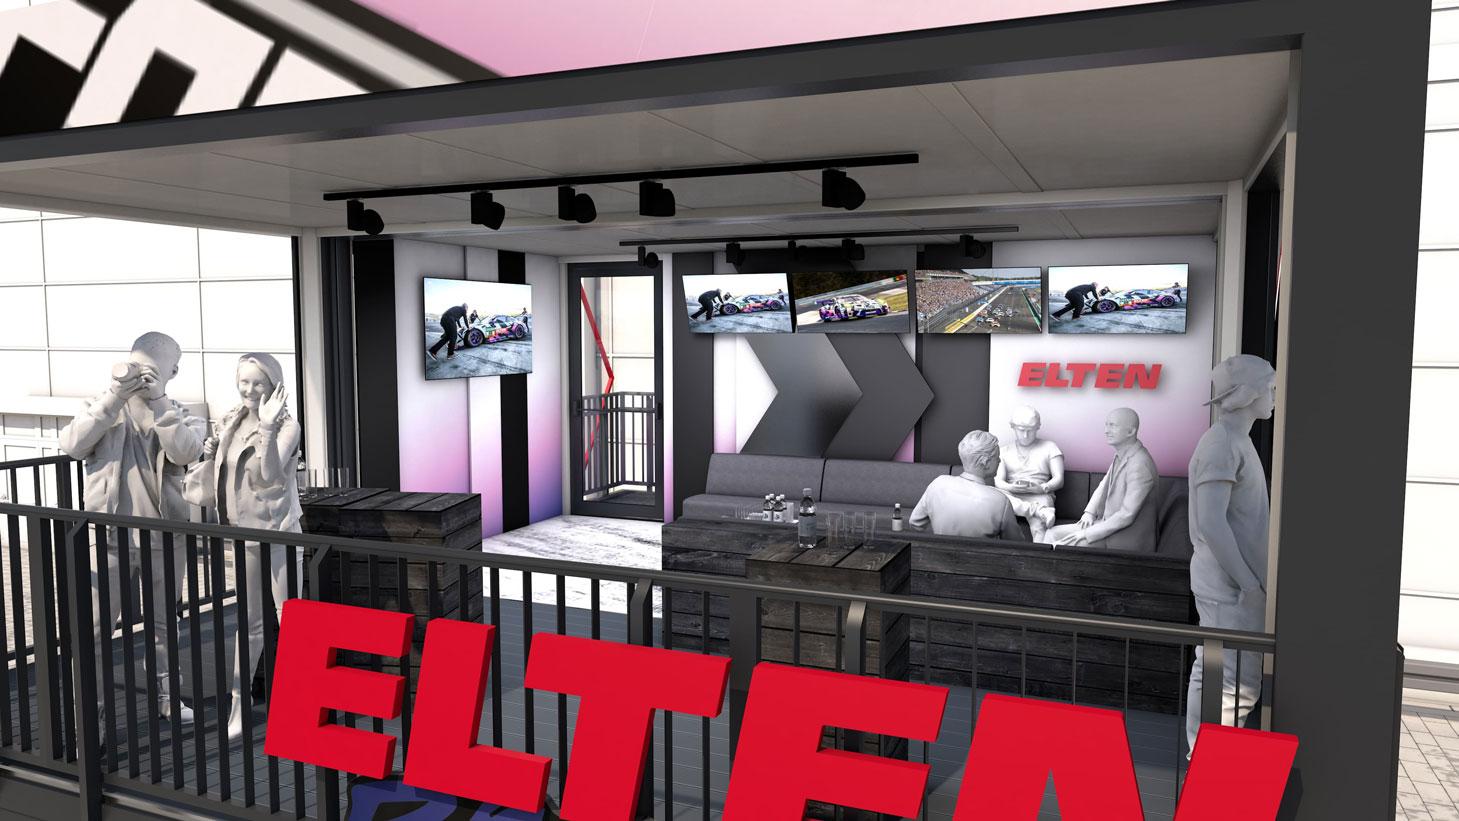 Eventcontainer Showroom - Rennsport - Porsche - Elten 05